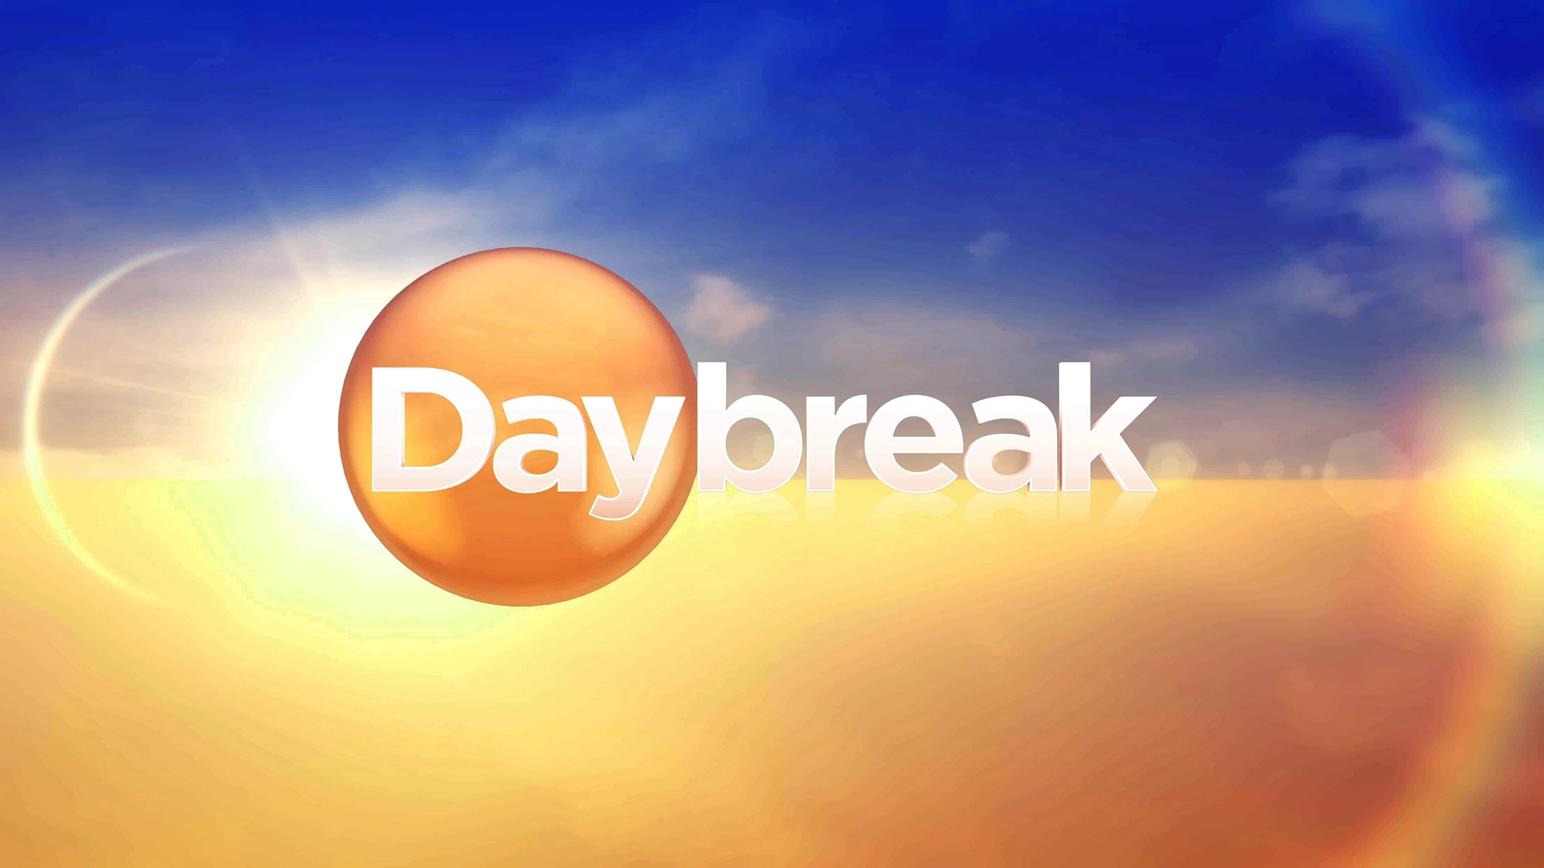 Daybreak kapak